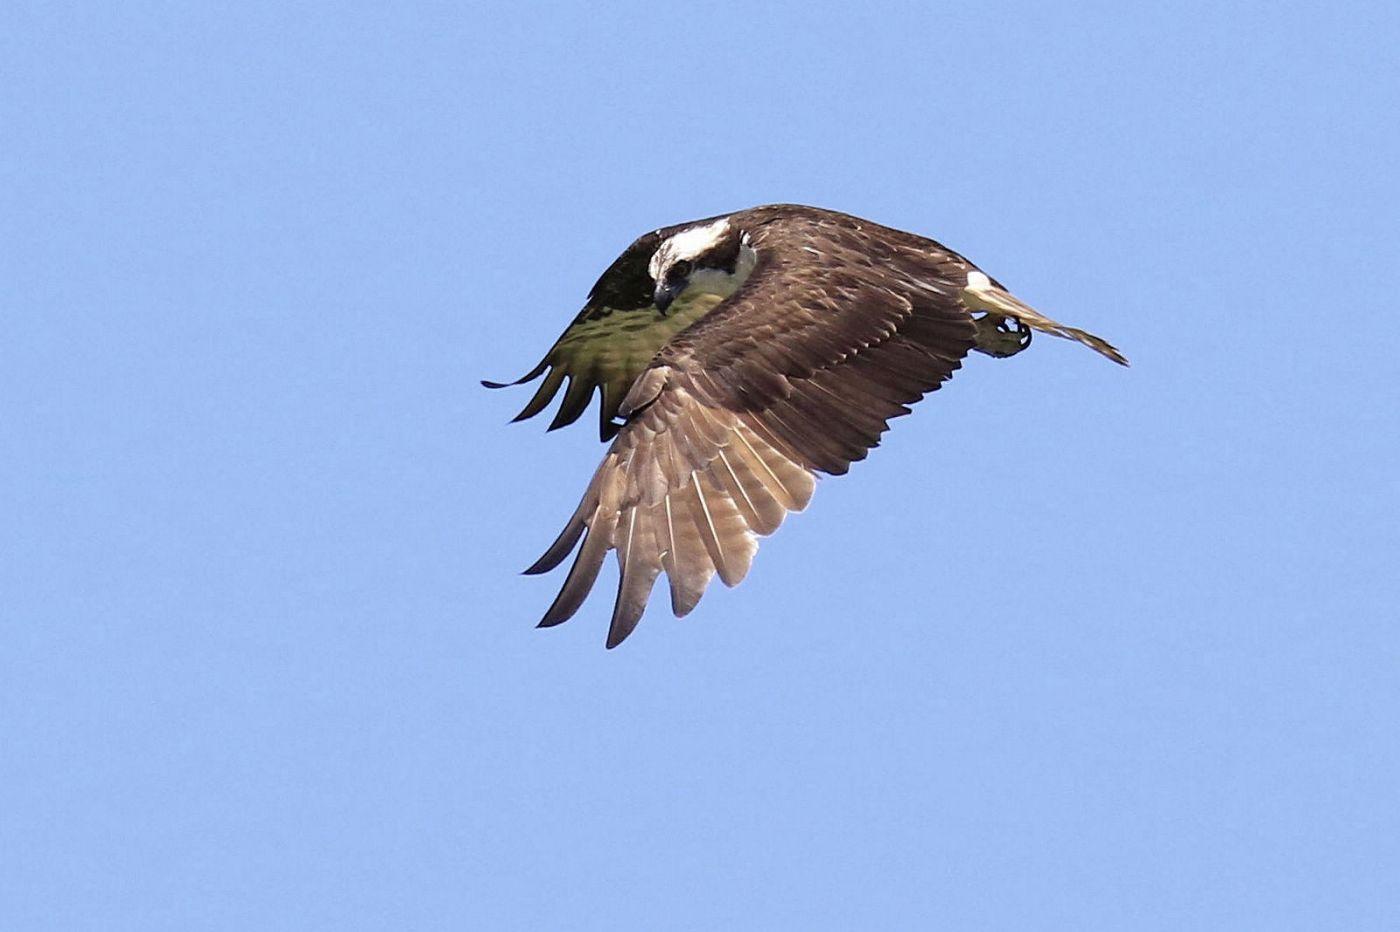 鹗鸟飞姿_图1-5